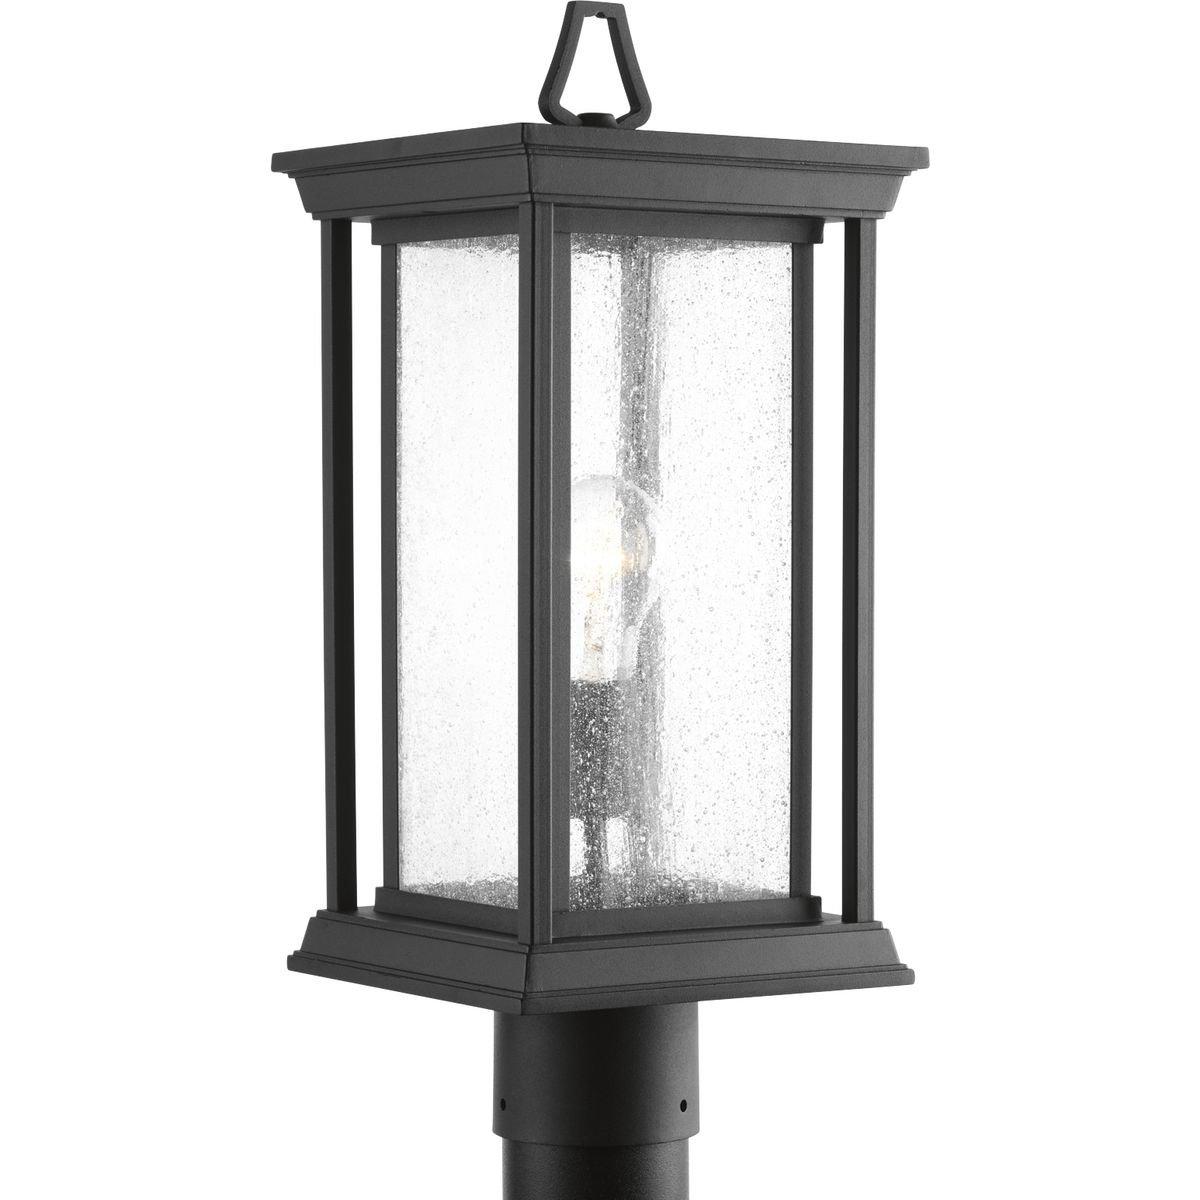 Progress Lighting P5400-31 Endicott Black One-Light Post Lantern, by Progress Lighting